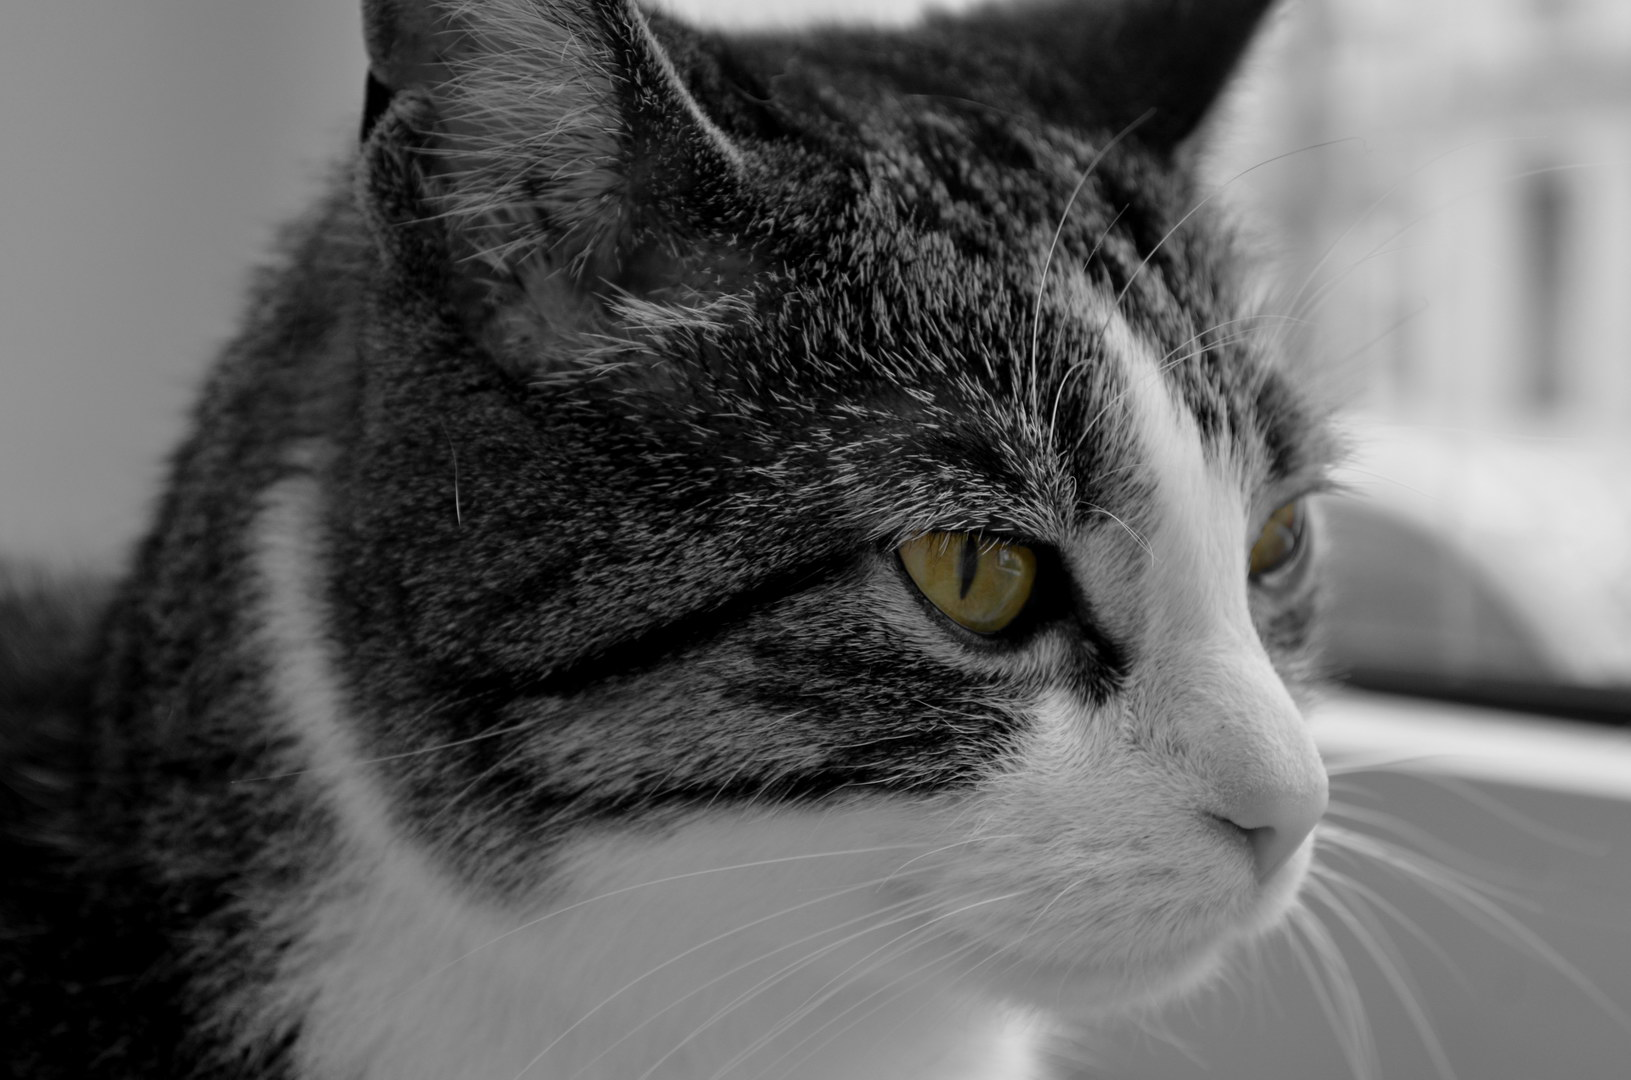 Tasha Katze Schwarzweiß Colorkey Grün Augen Nahaufnahme